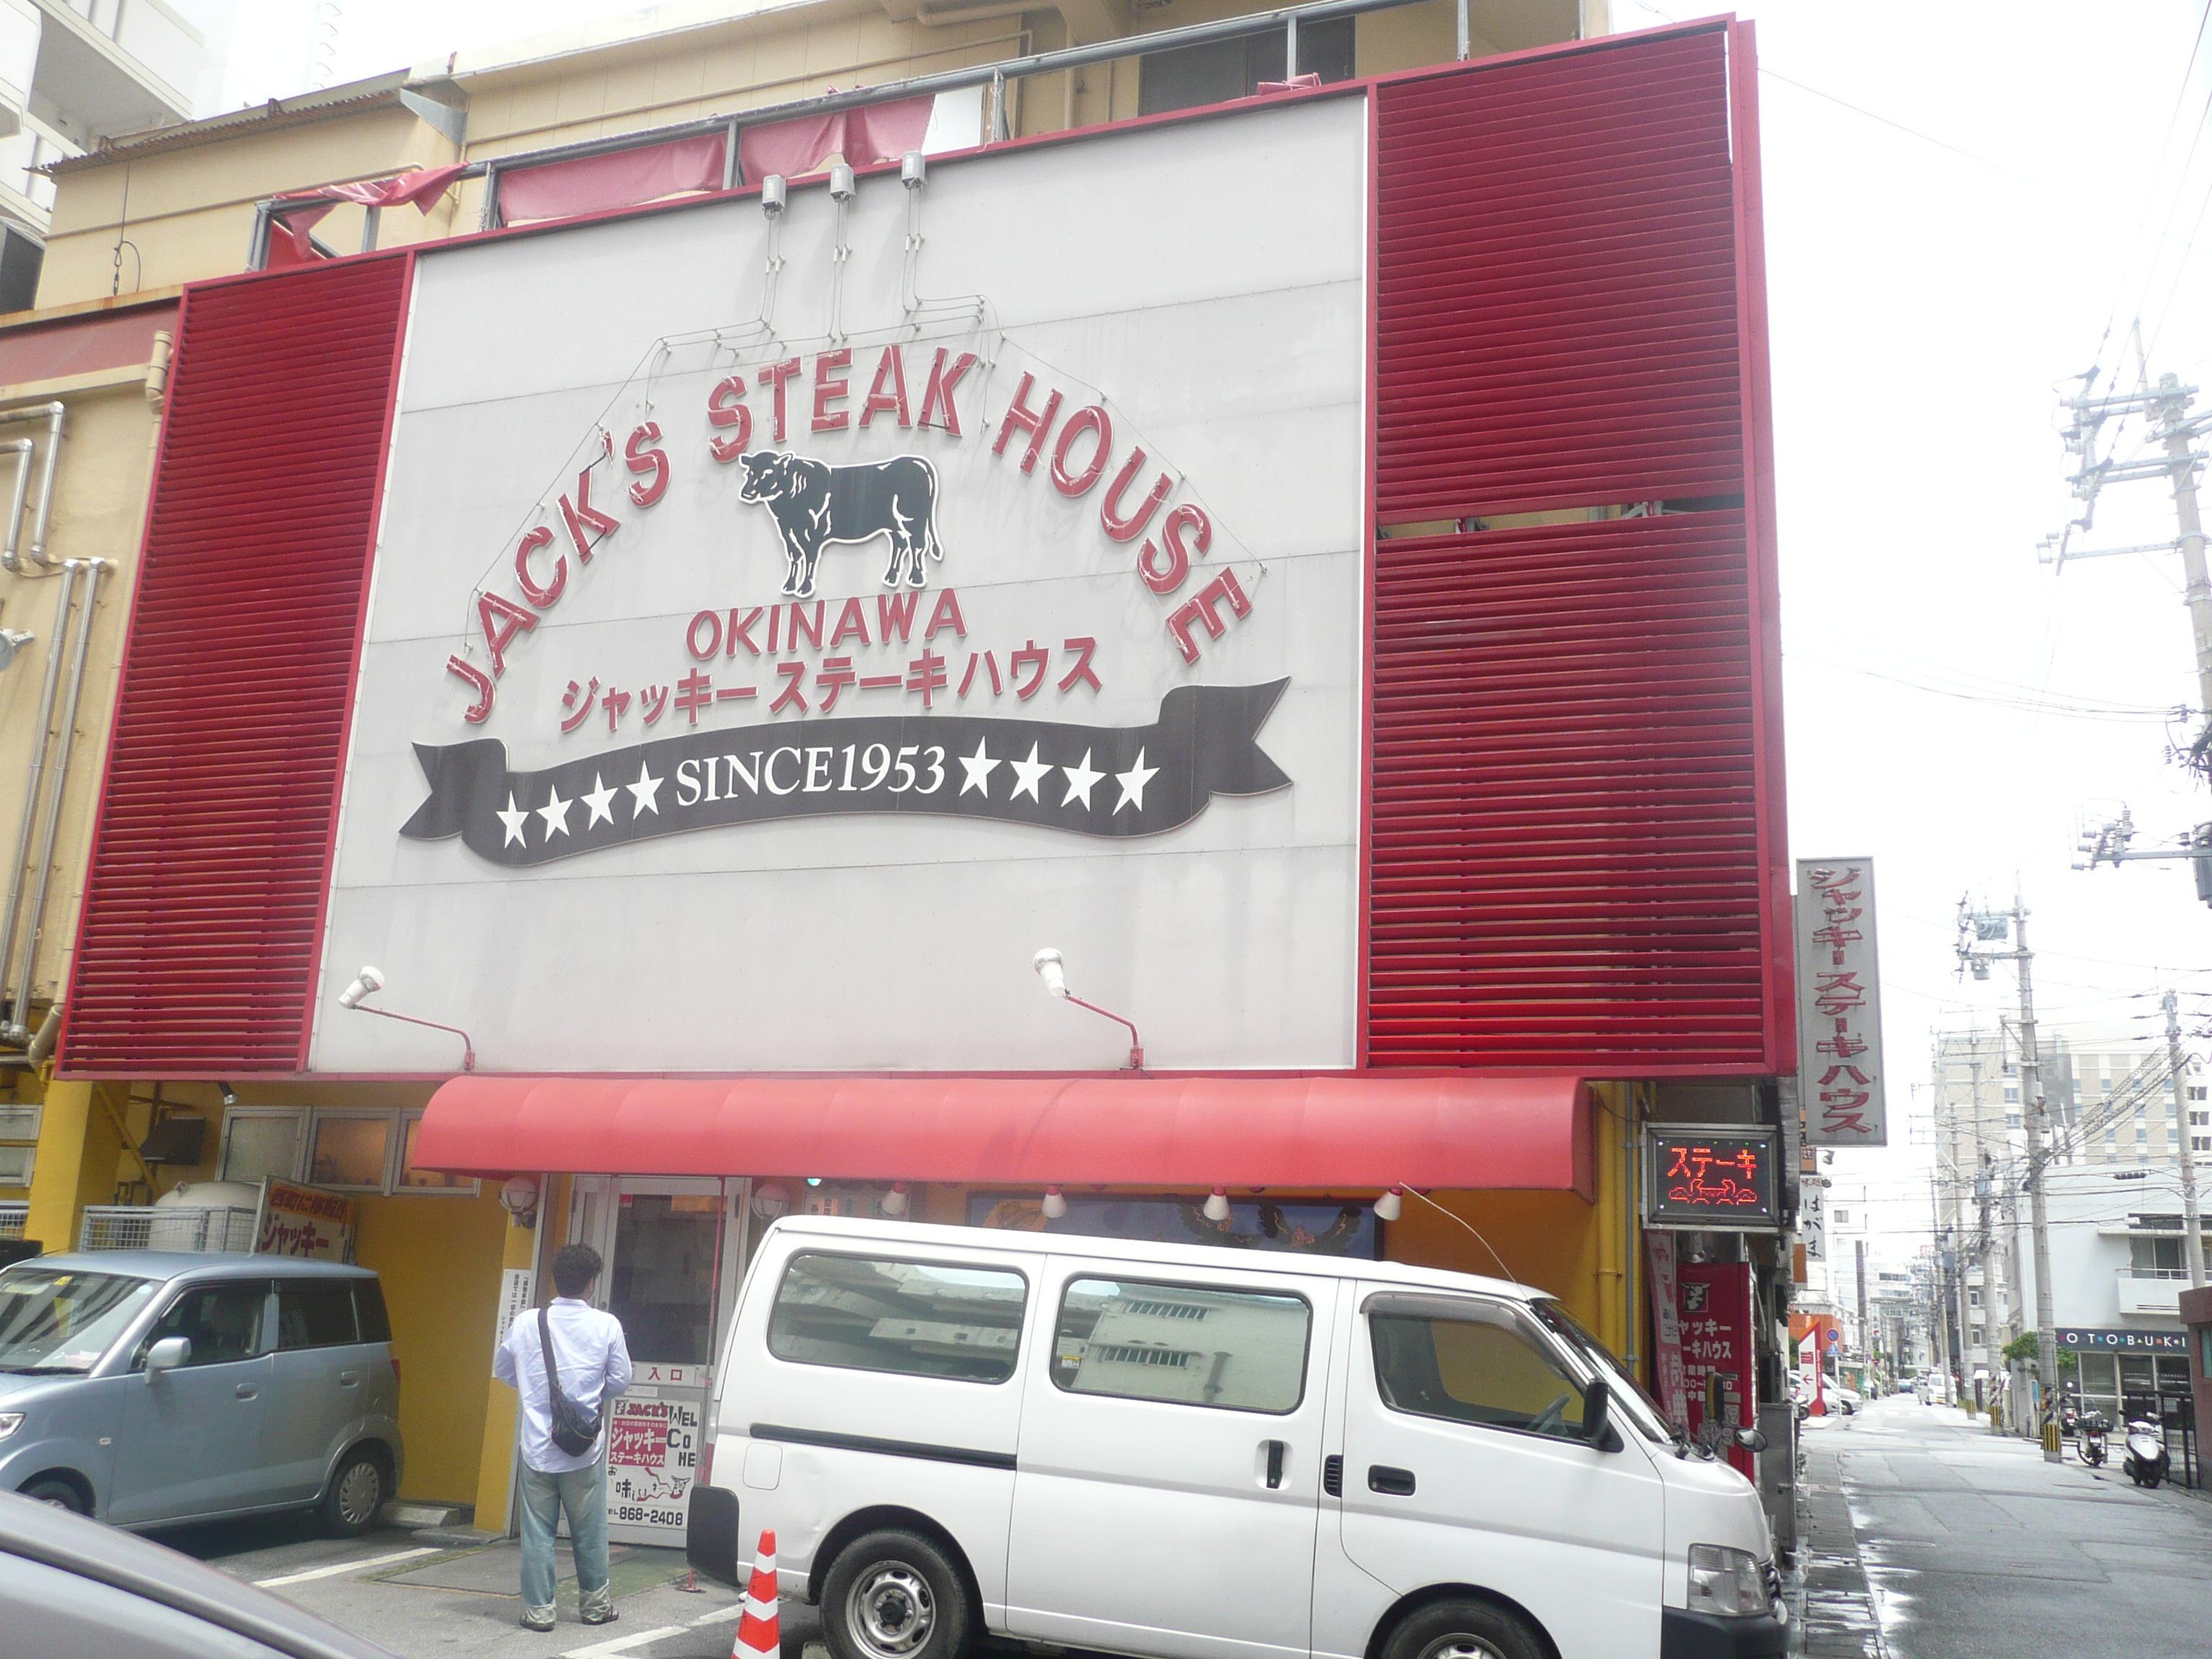 沖縄ステーキハウスおすすめはジャッキーステーキハウス